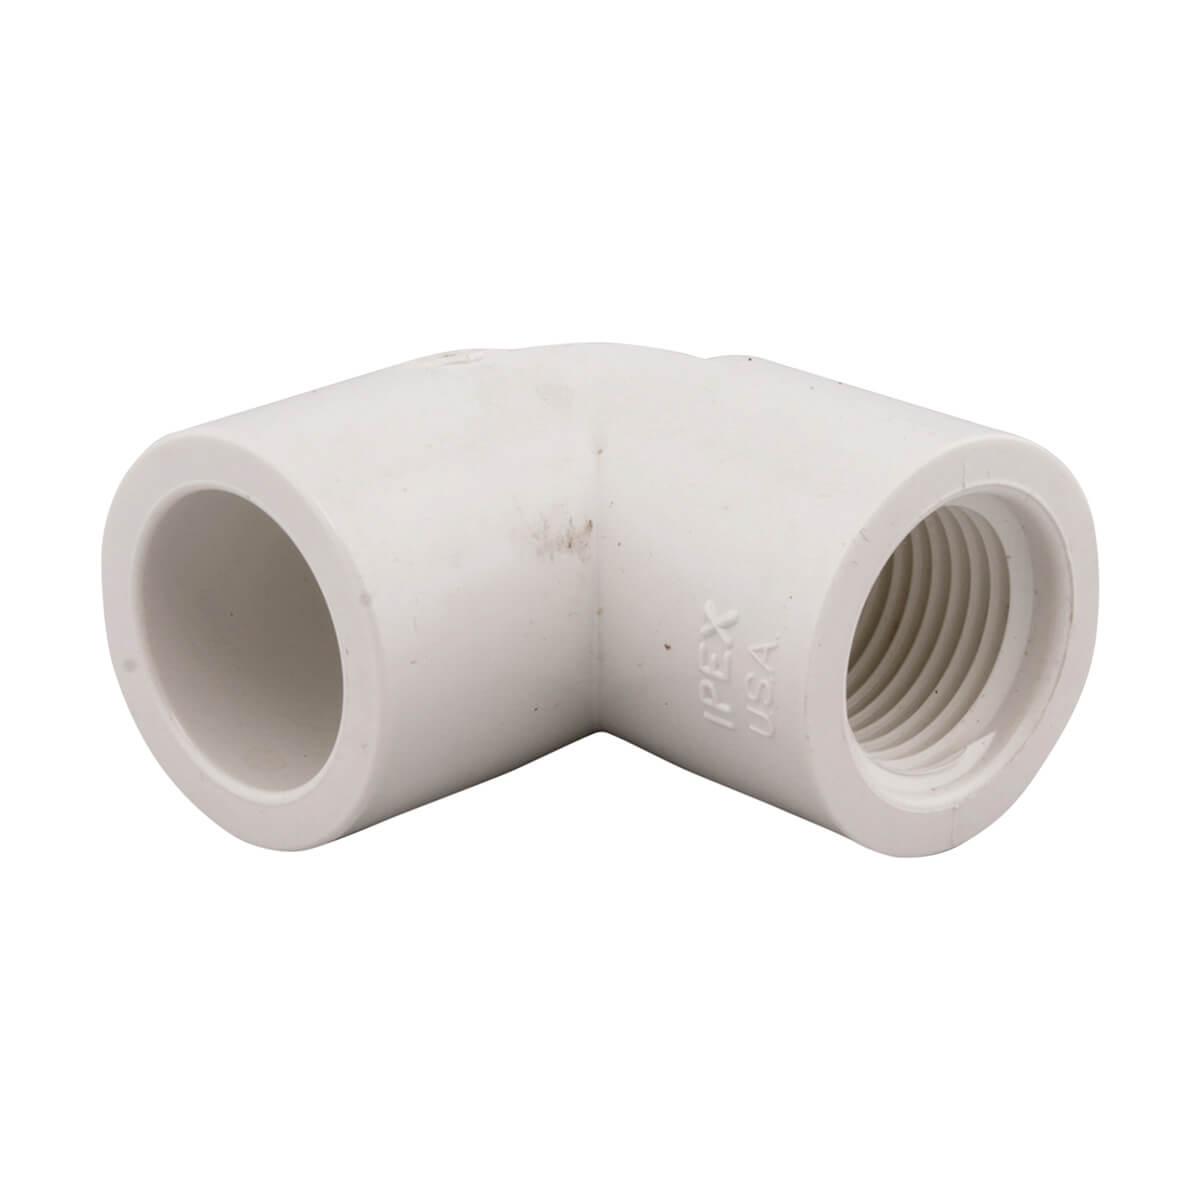 Socket - 3/4-in x 90° Elbow